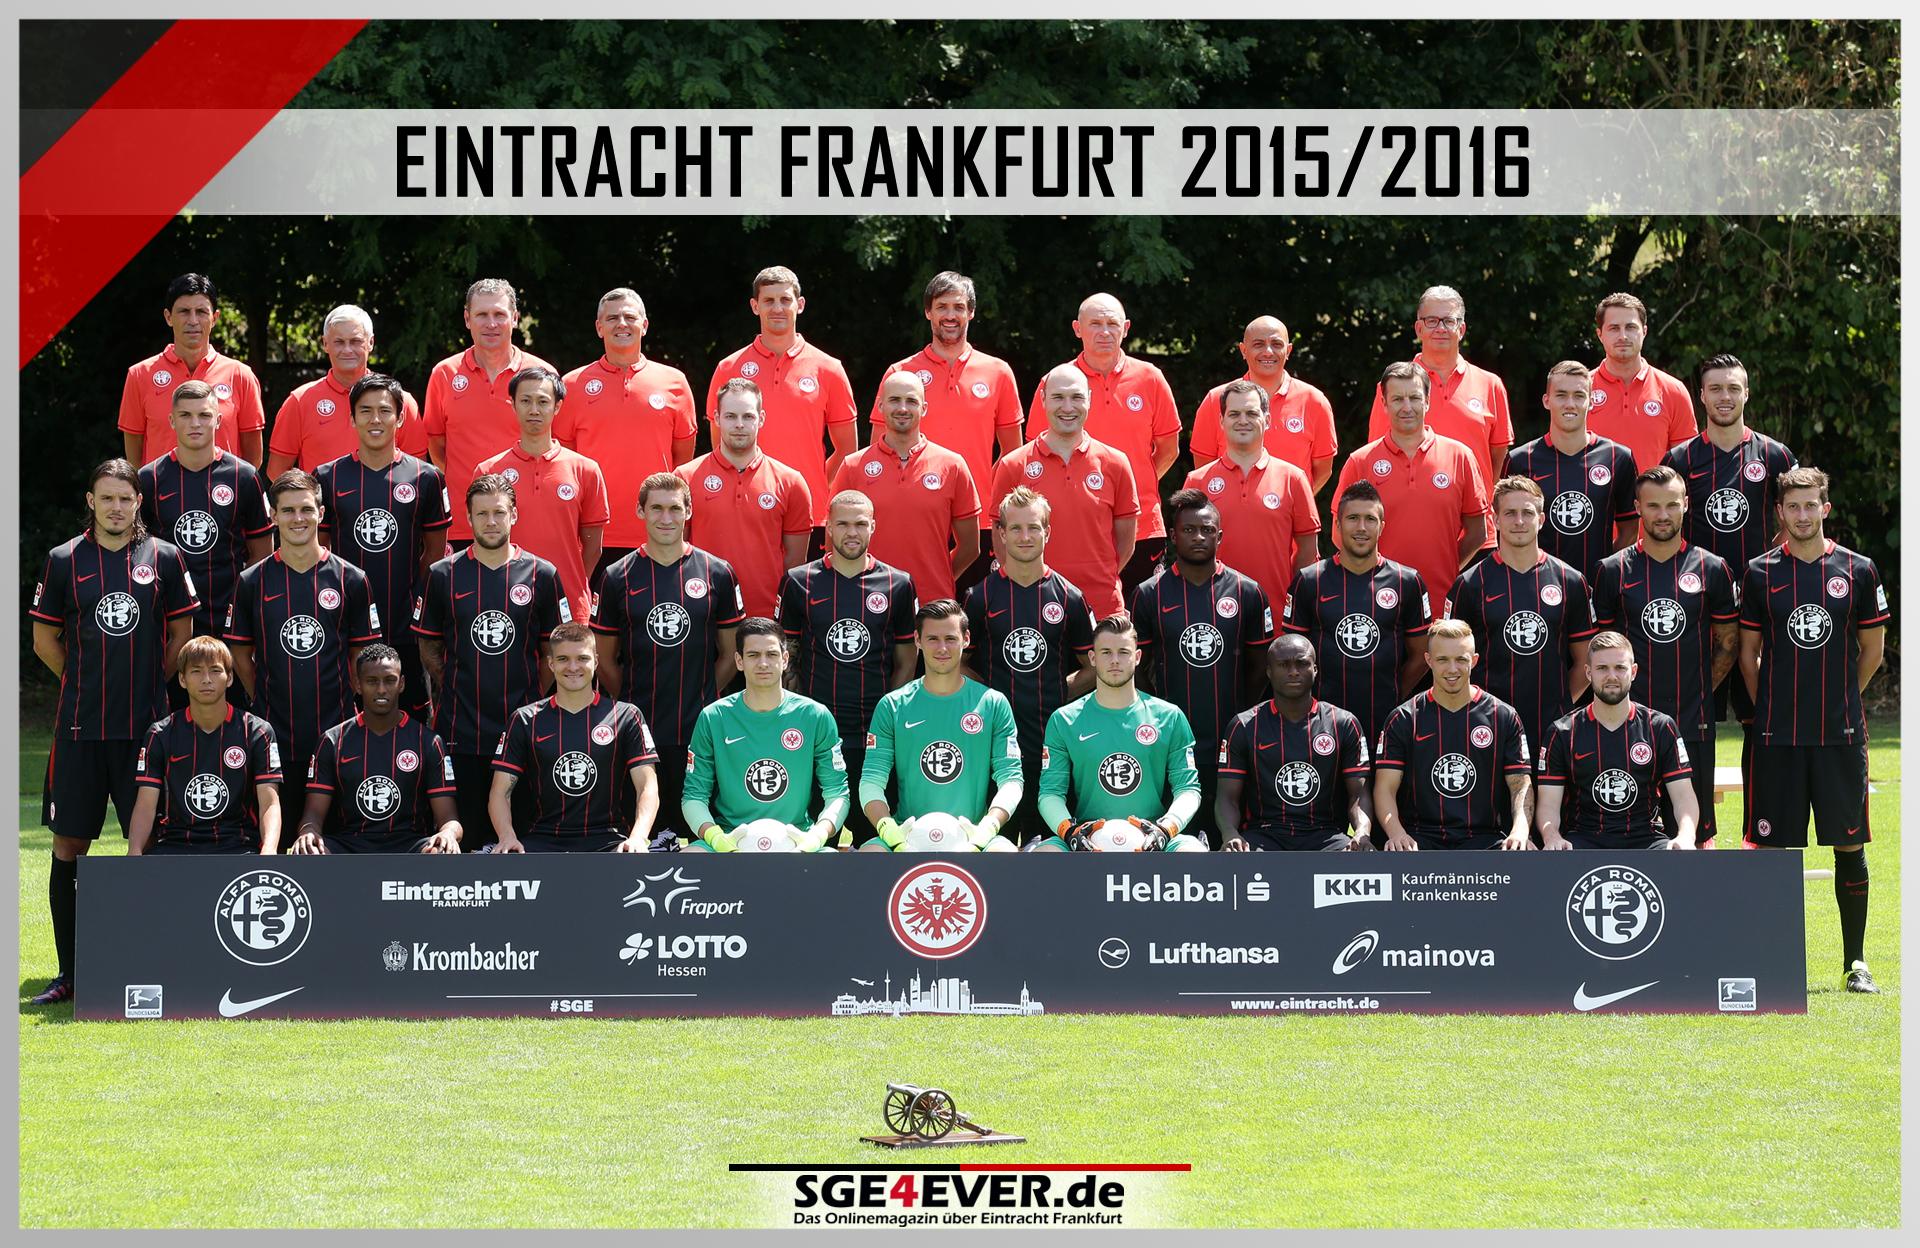 Eintracht Frankfurt Mannschaftsfoto